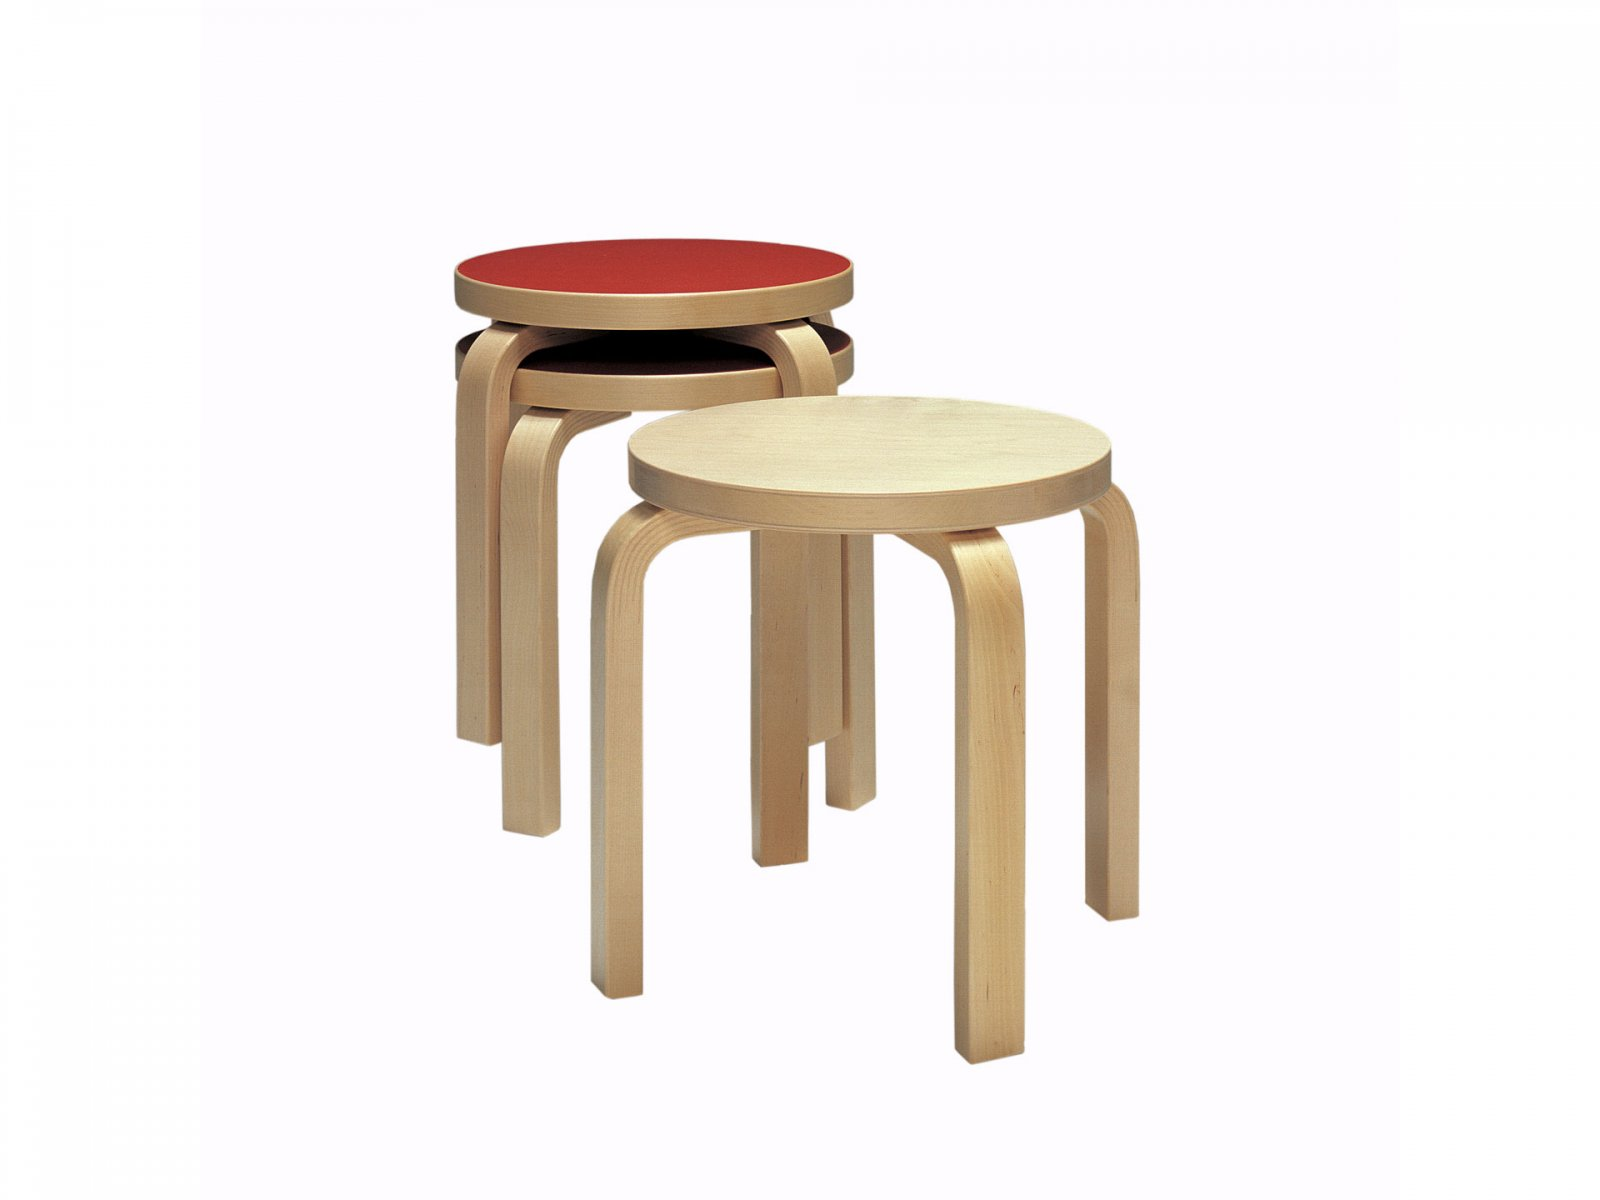 Alvar aalto precursor de la decoraci n moderna - Alvar aalto muebles ...